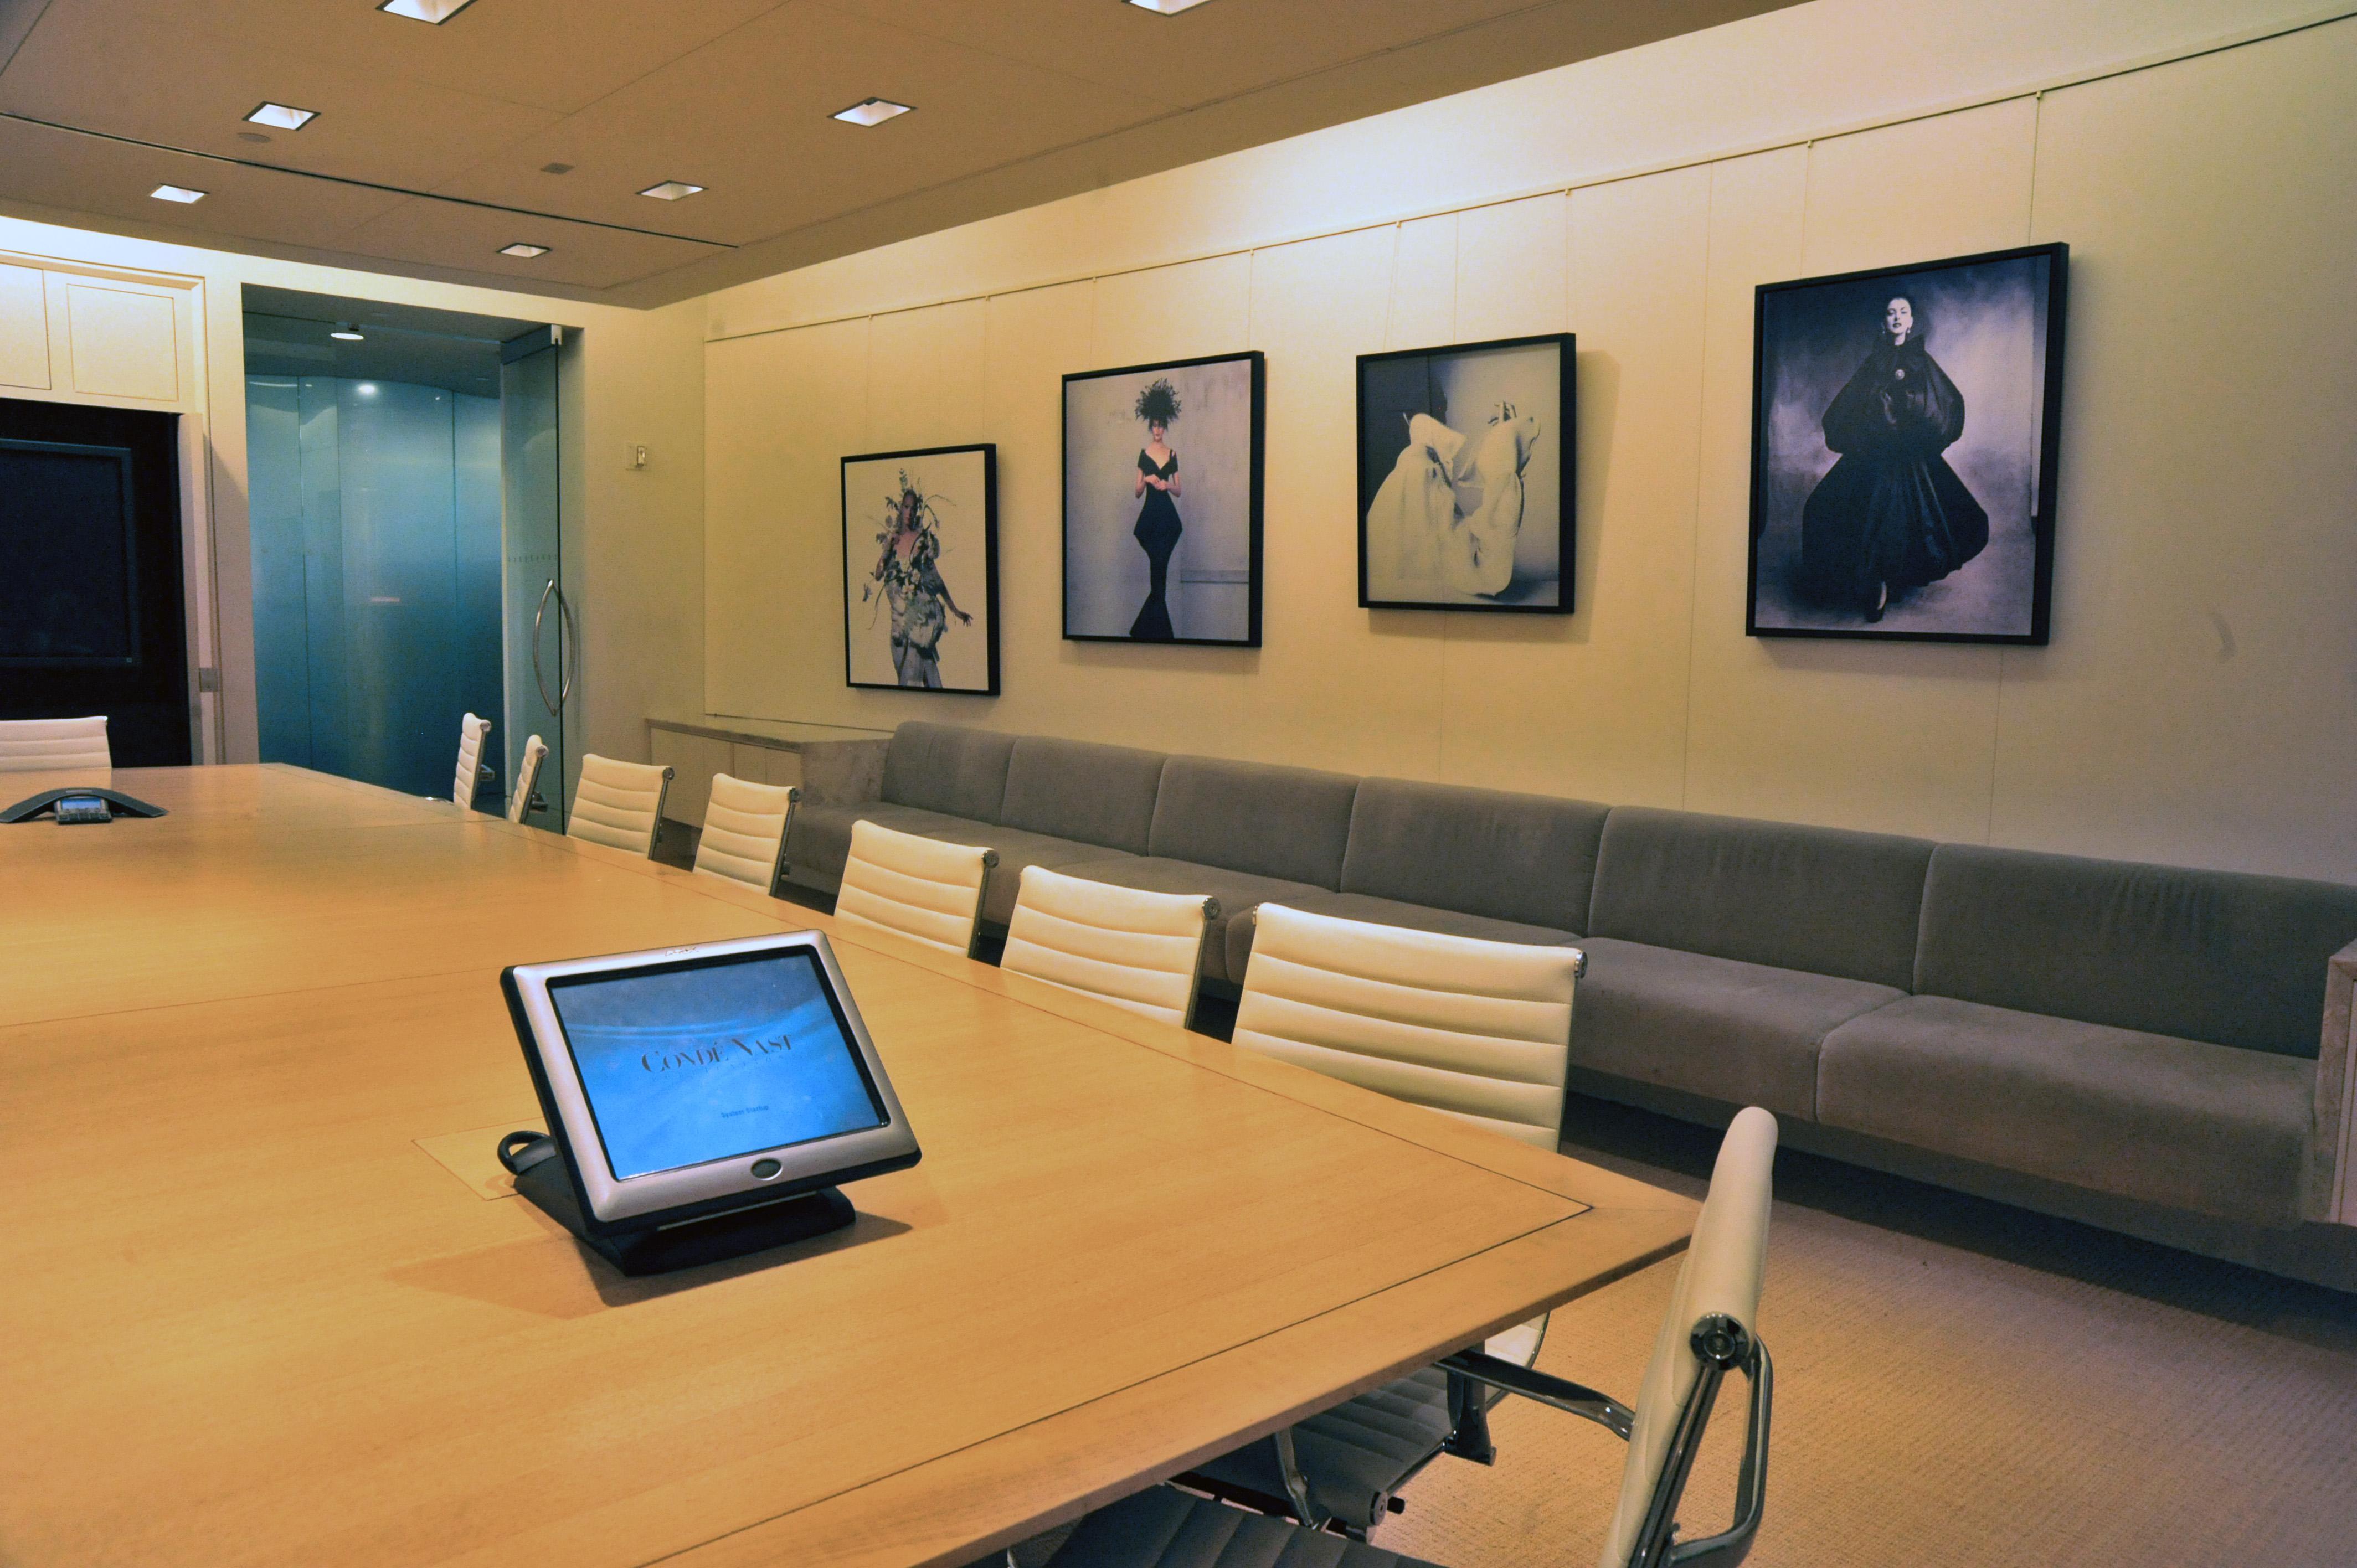 Vogue Advertising Conference Room - JFA AV